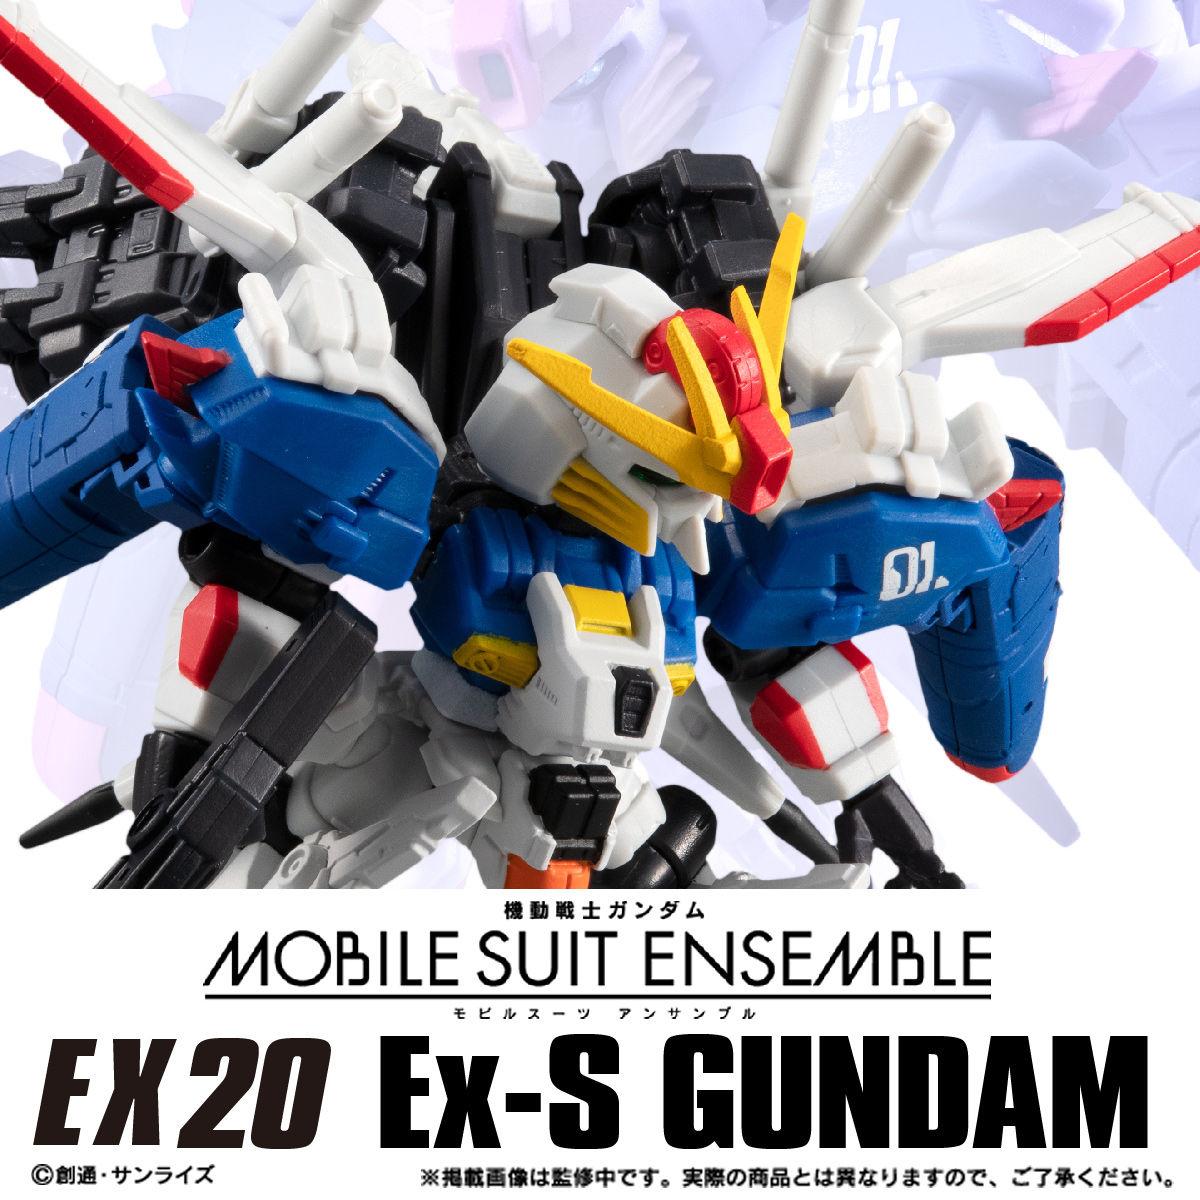 【限定販売】MOBILE SUIT ENSEMBLE『EX20 Ex‐Sガンダム』ガンダム・センチネル 完成品フィギュア-001